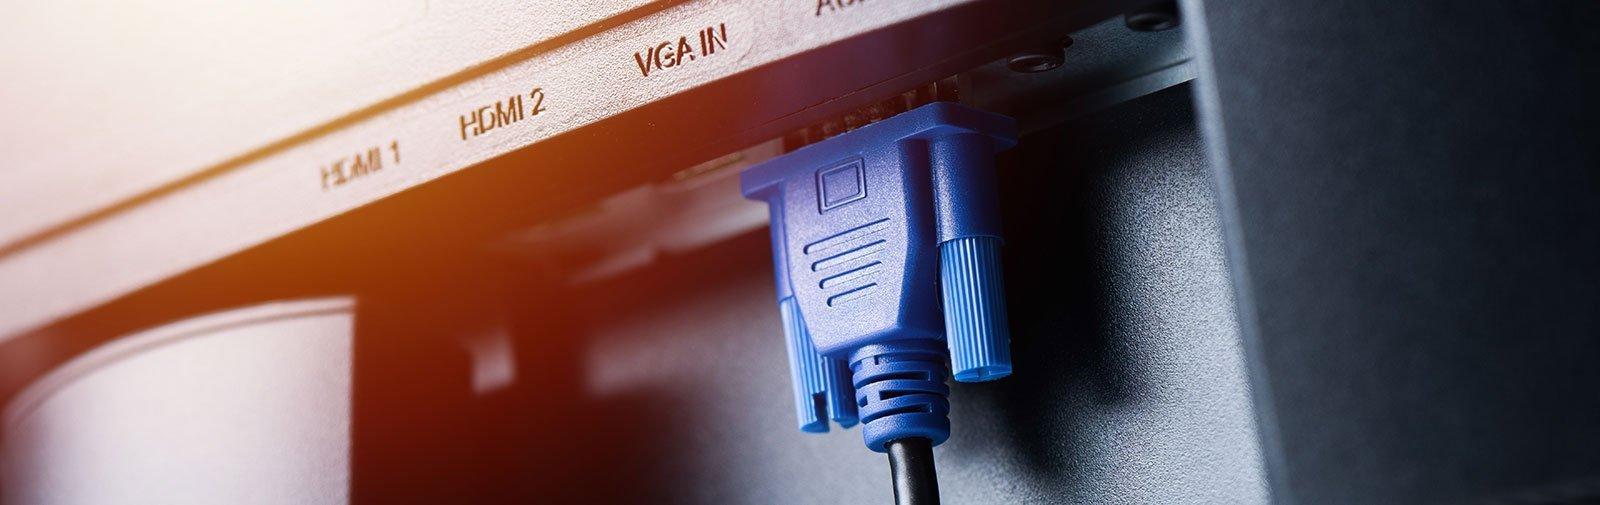 Top Advantages of DVI vs VGA for Computer Monitors